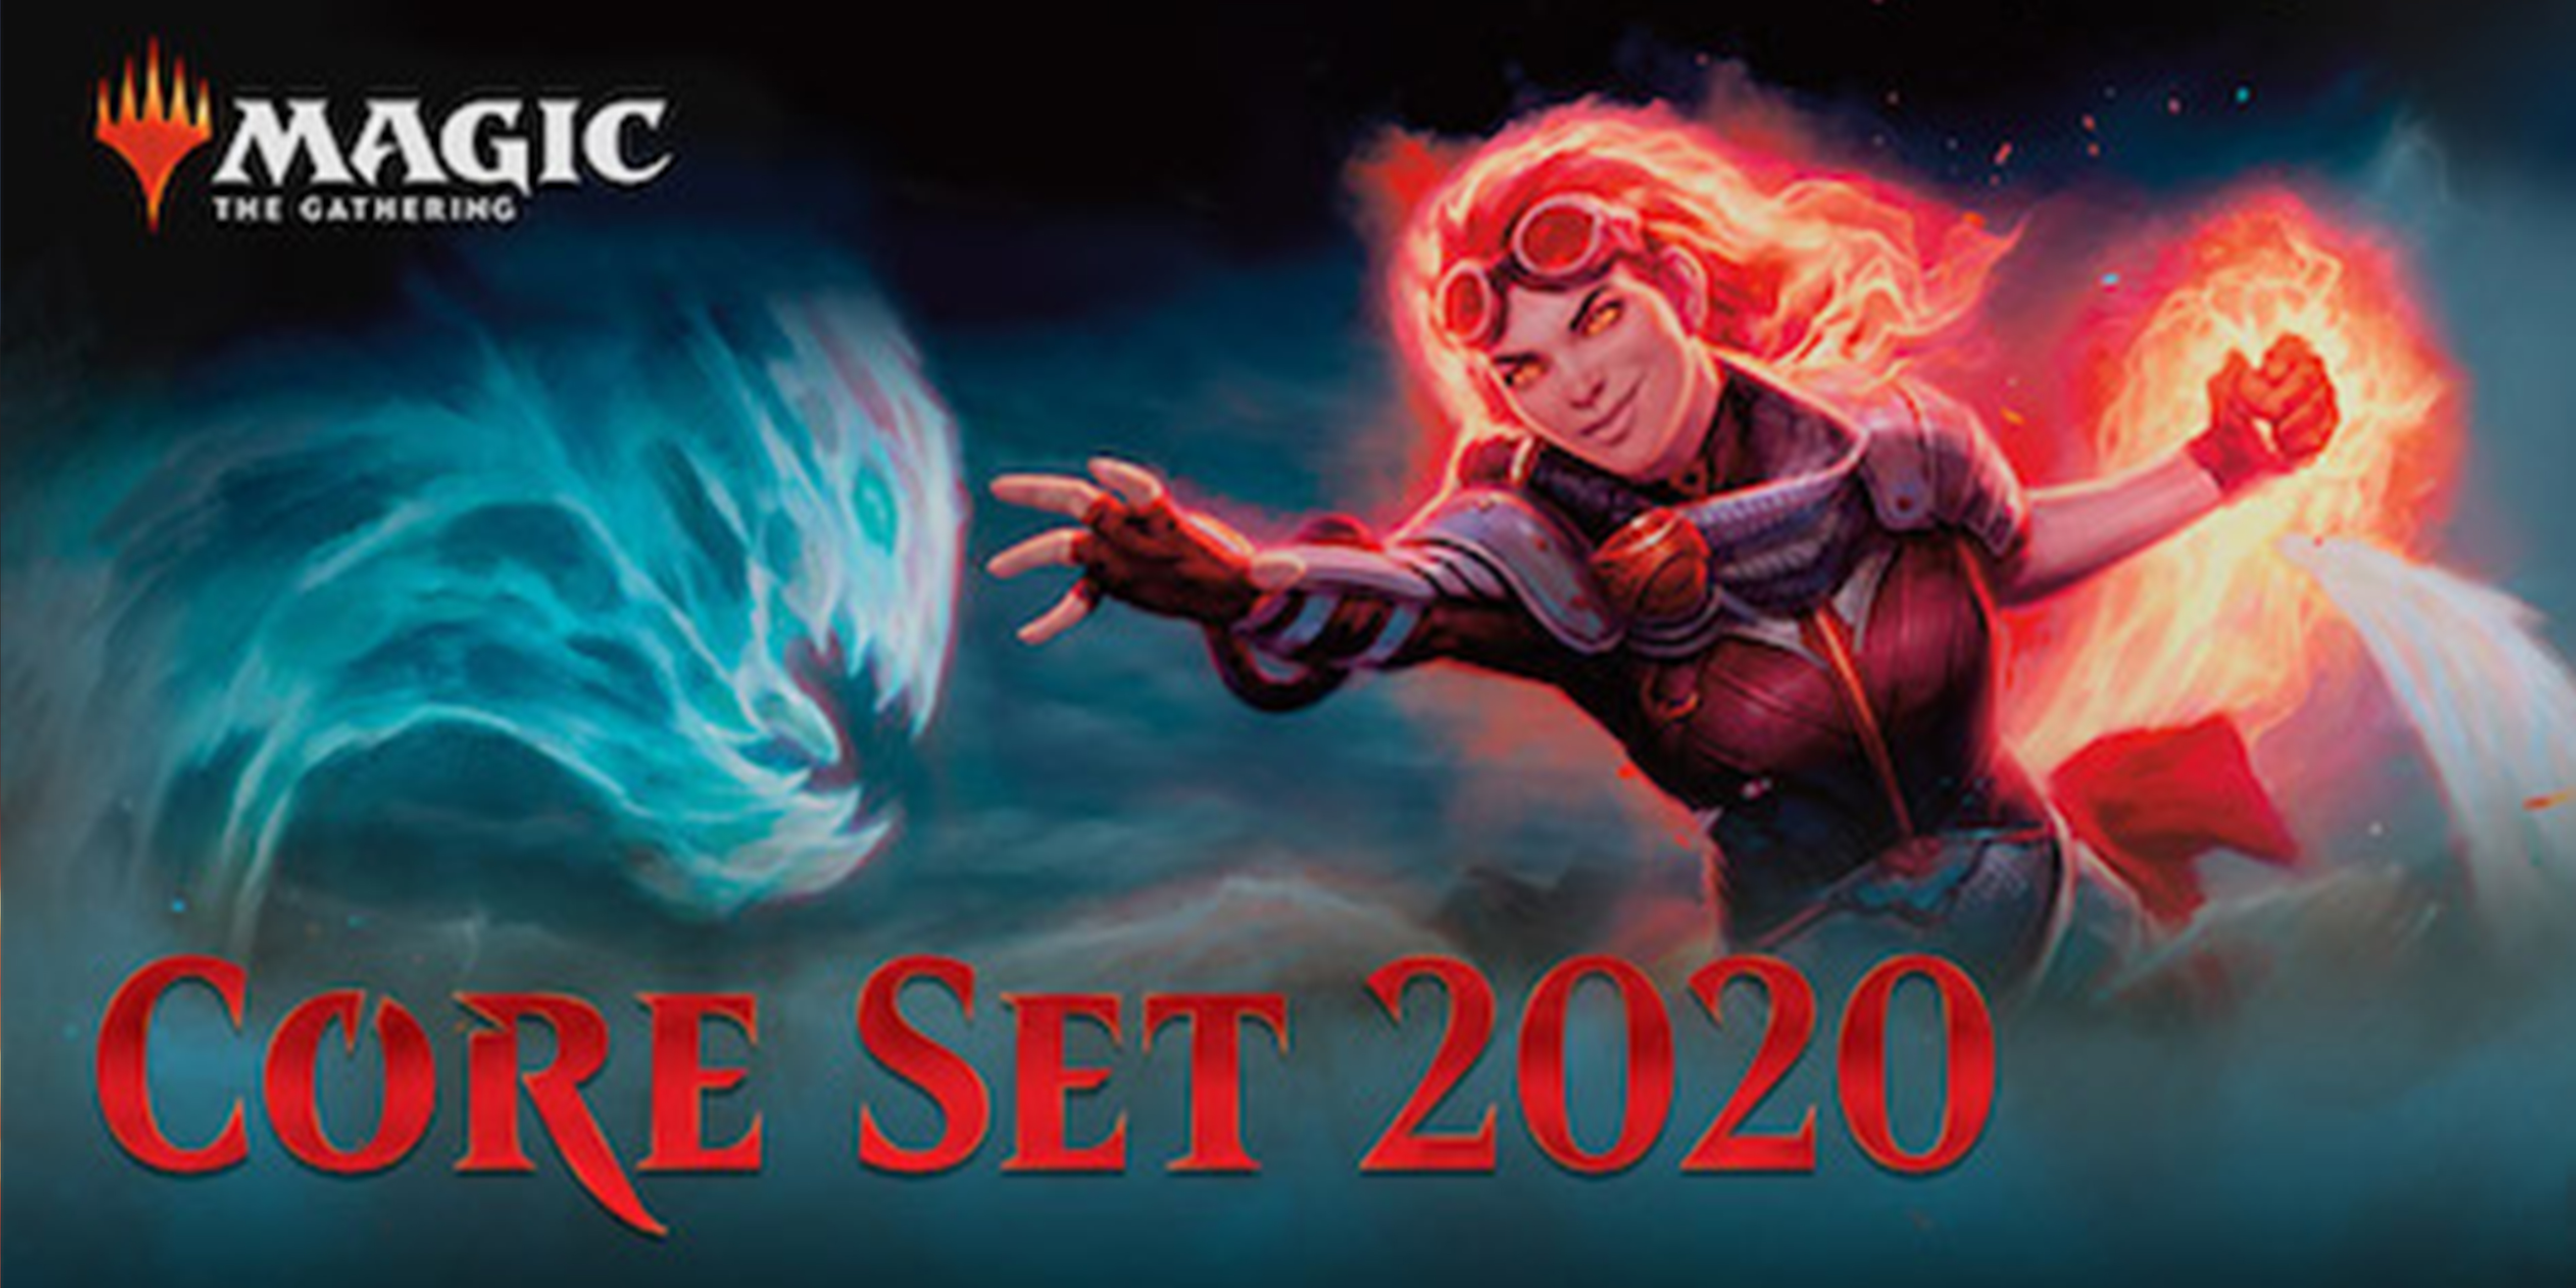 Core 2020 Promo Title